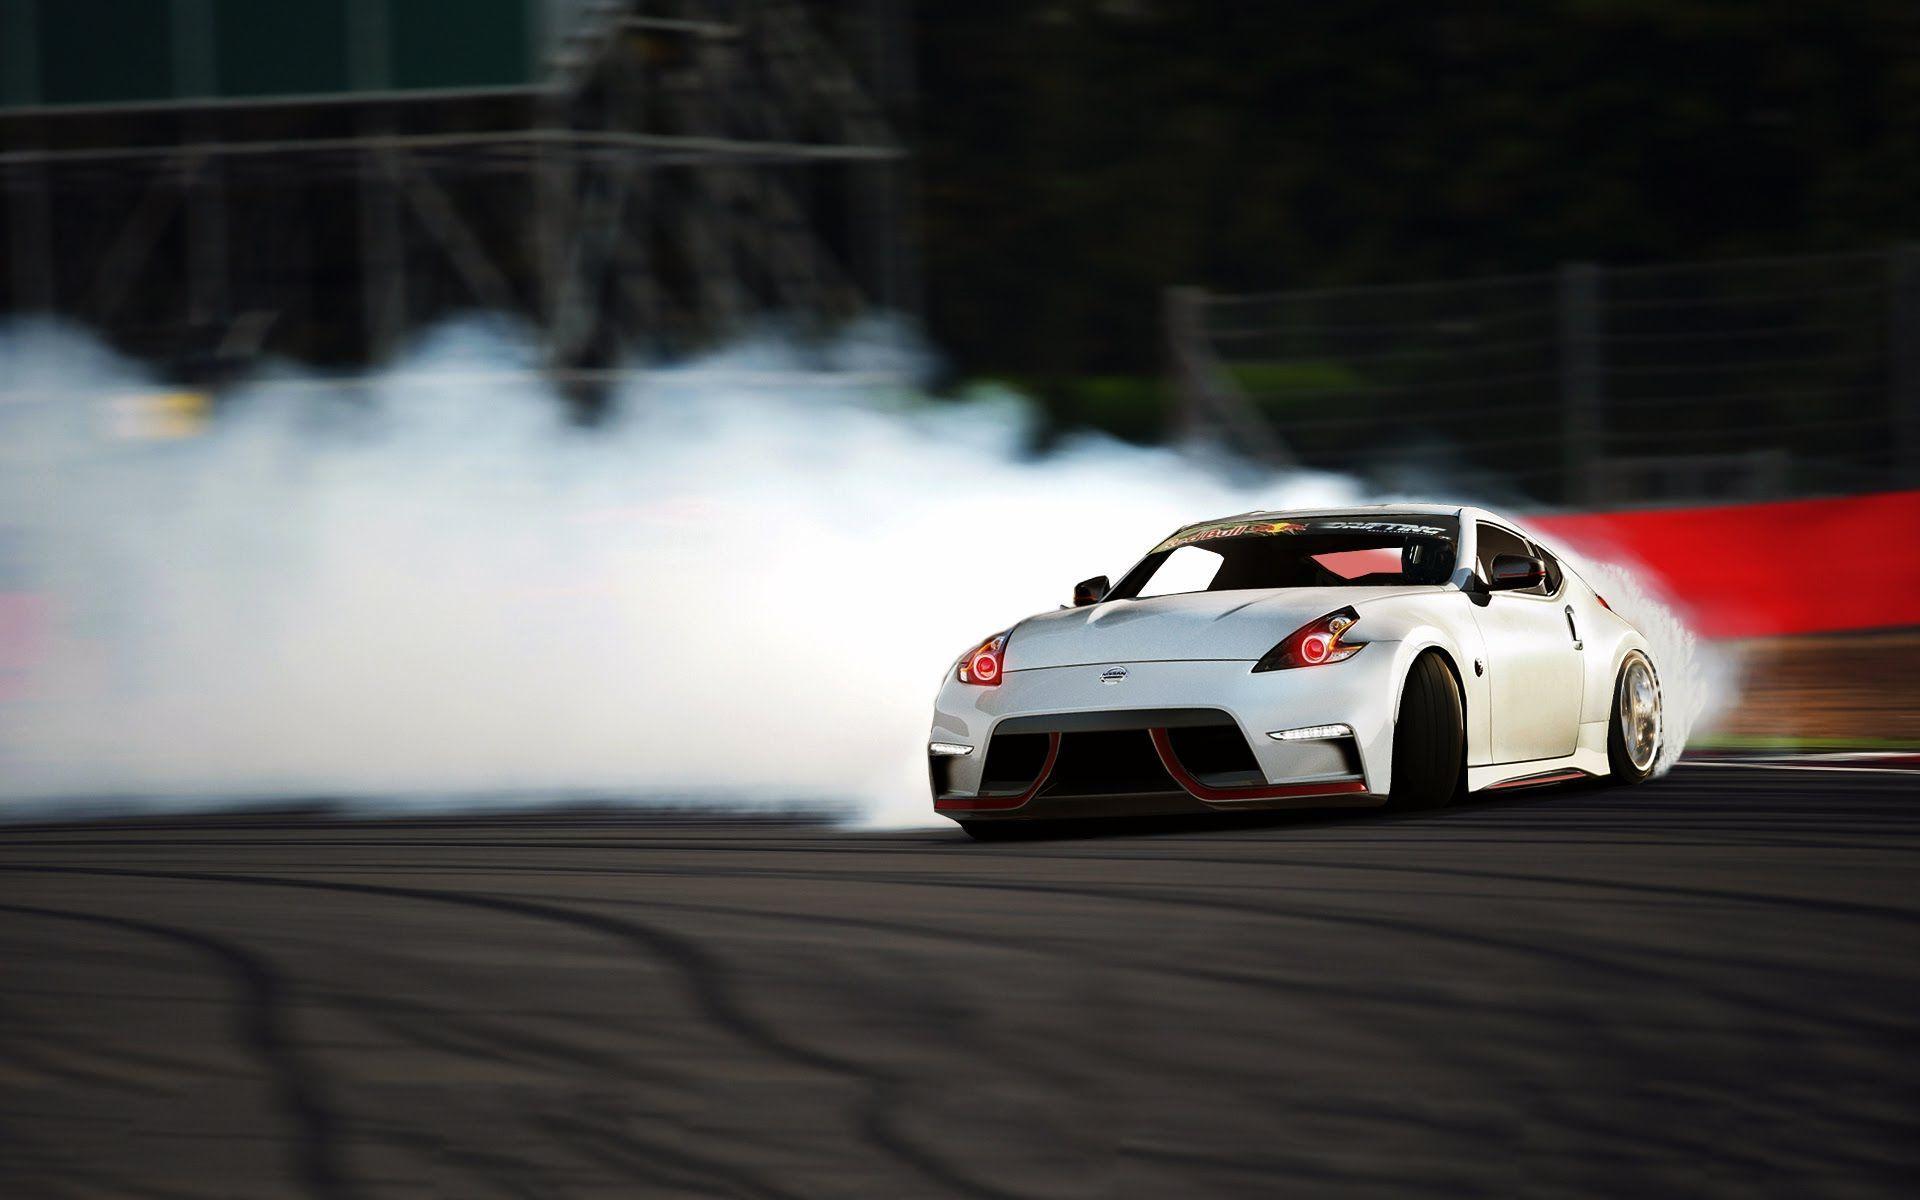 350z drift wallpapers top free 350z drift backgrounds - Drift car wallpaper ...